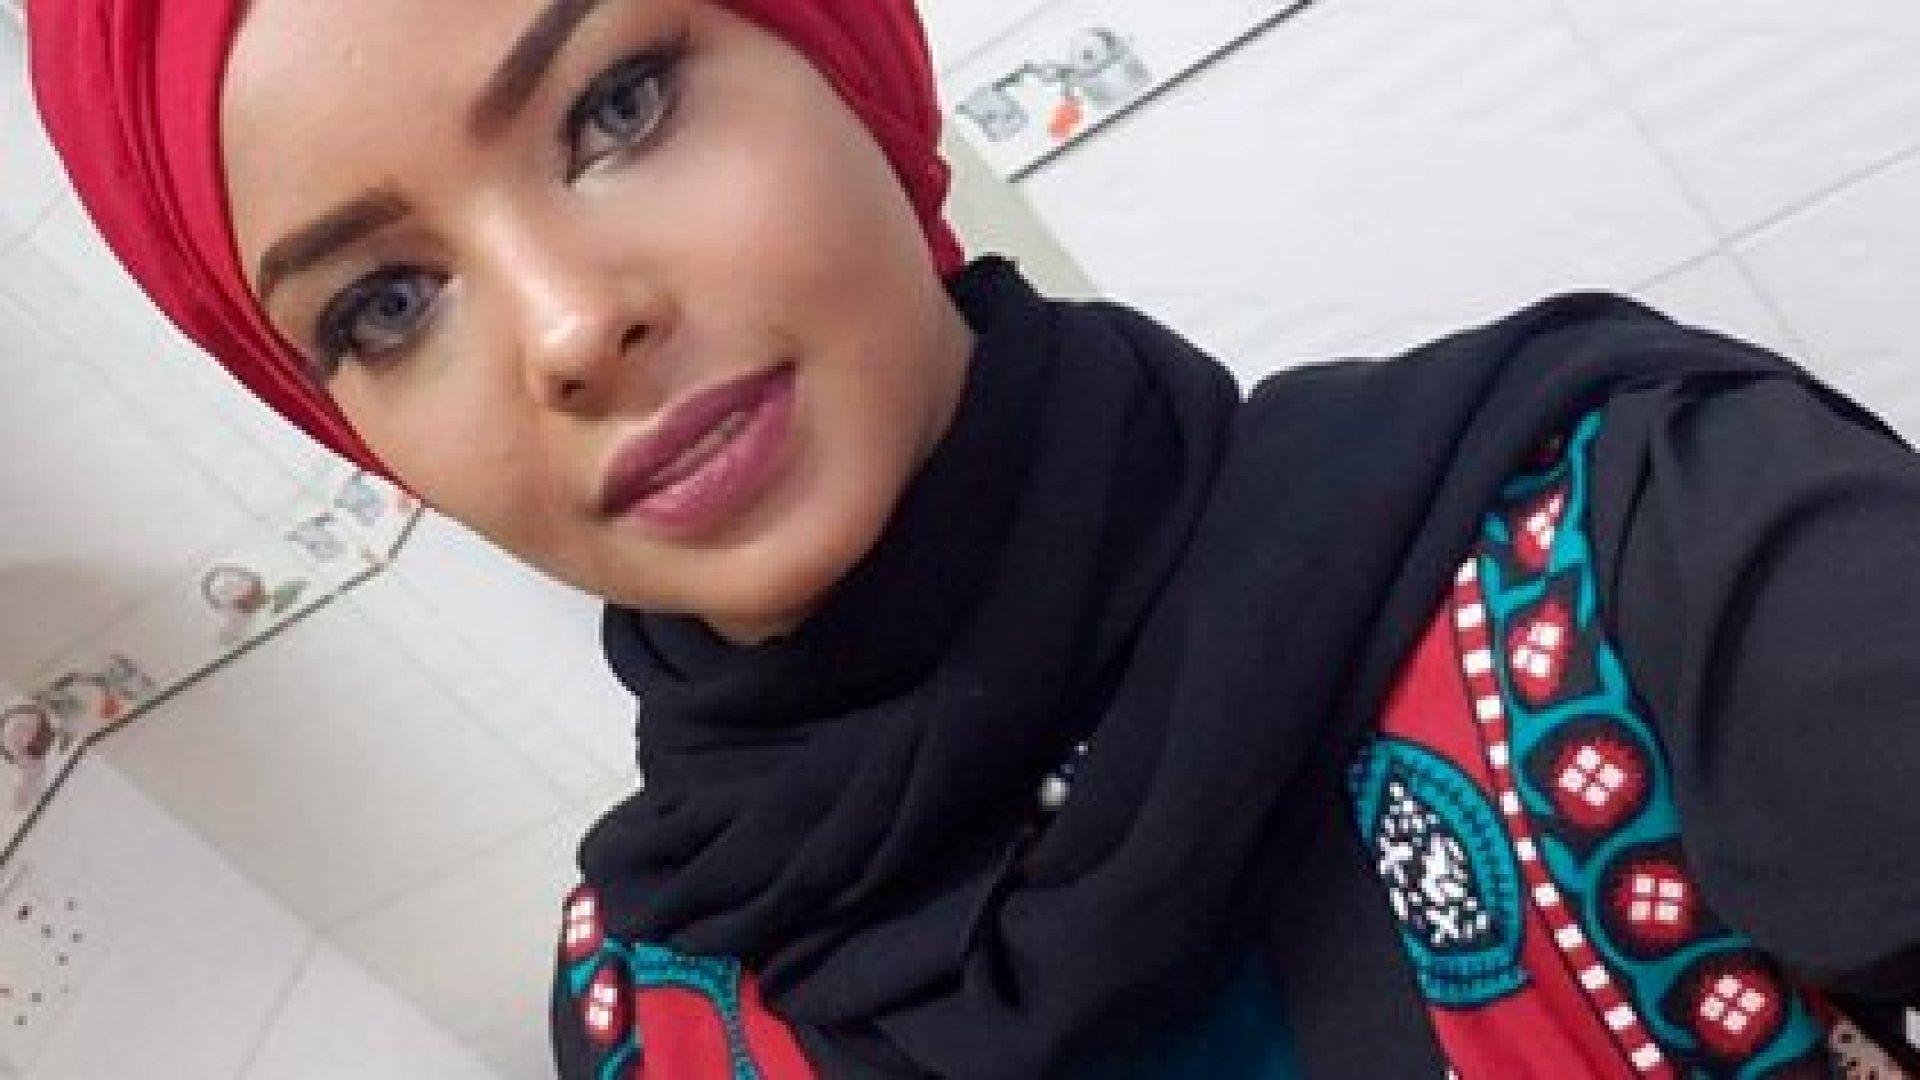 Con vestidos yemeníes o chaquetas de cuero, aparece a veces sin velo, lo que es mal visto en esta sociedad muy conservadora, en particular por los hutíes